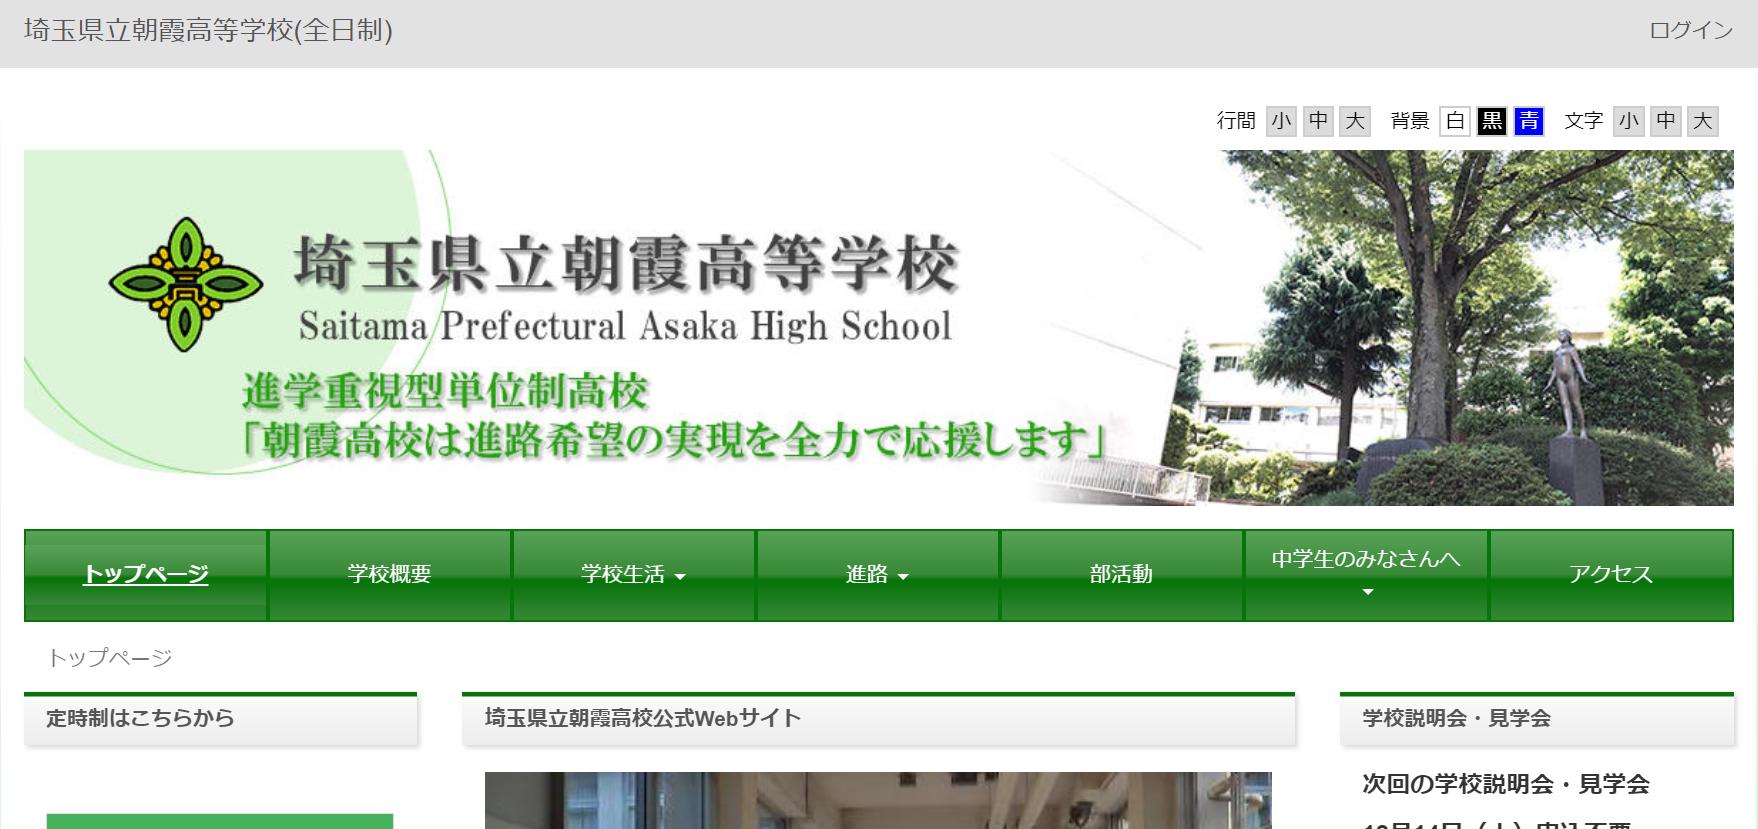 朝霞高校の口コミ・評判